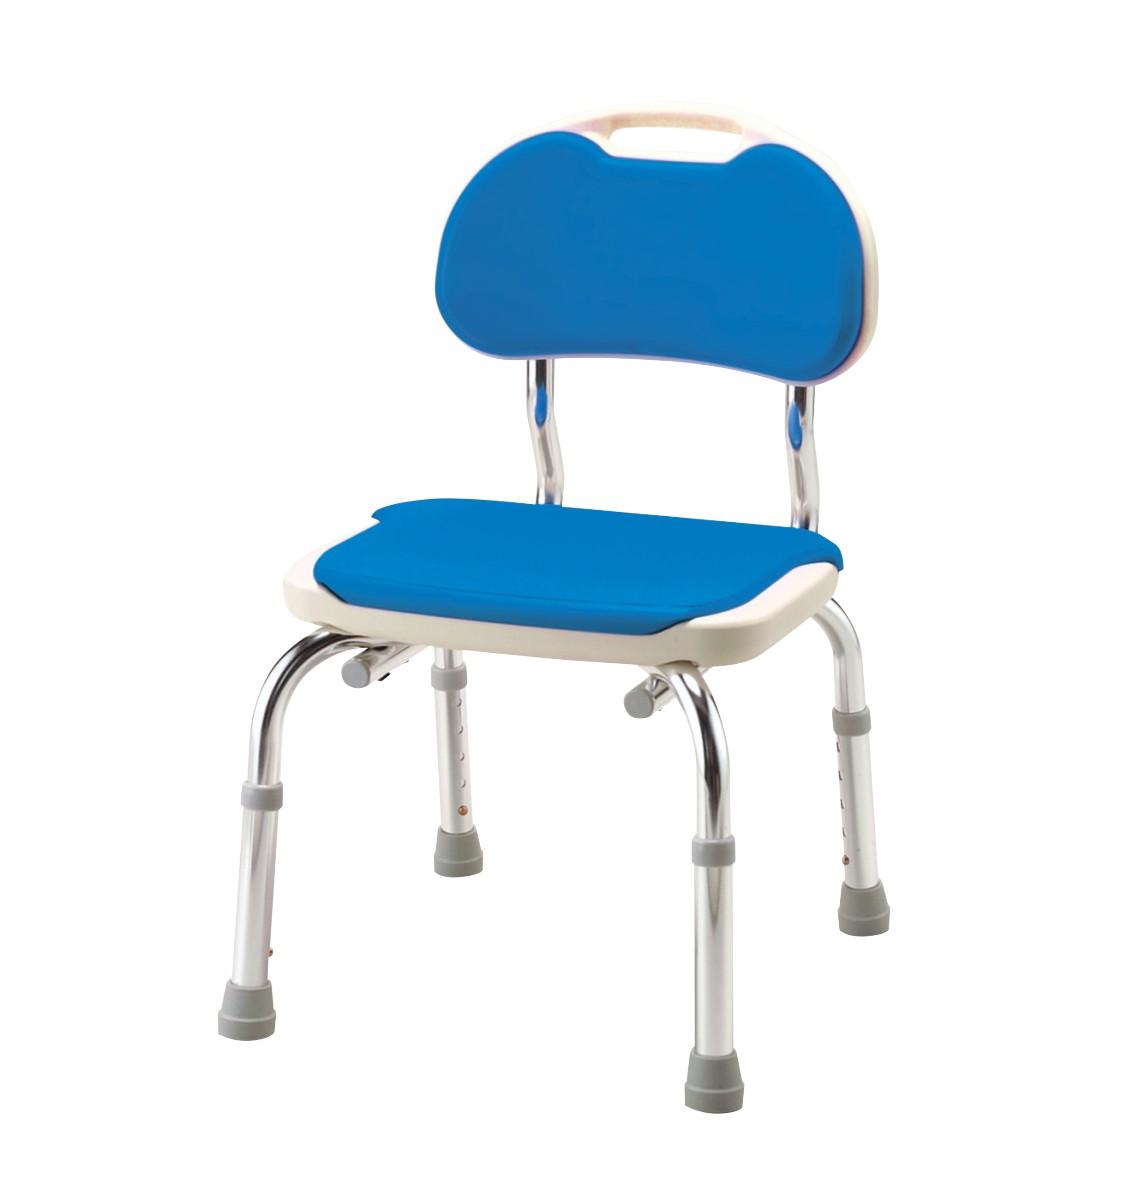 【アロン化成】背付シャワーベンチ CPE-N ブルー 536300シャワーチェア/入浴/浴室/風呂/椅子/介護用品/お年寄り/高齢者